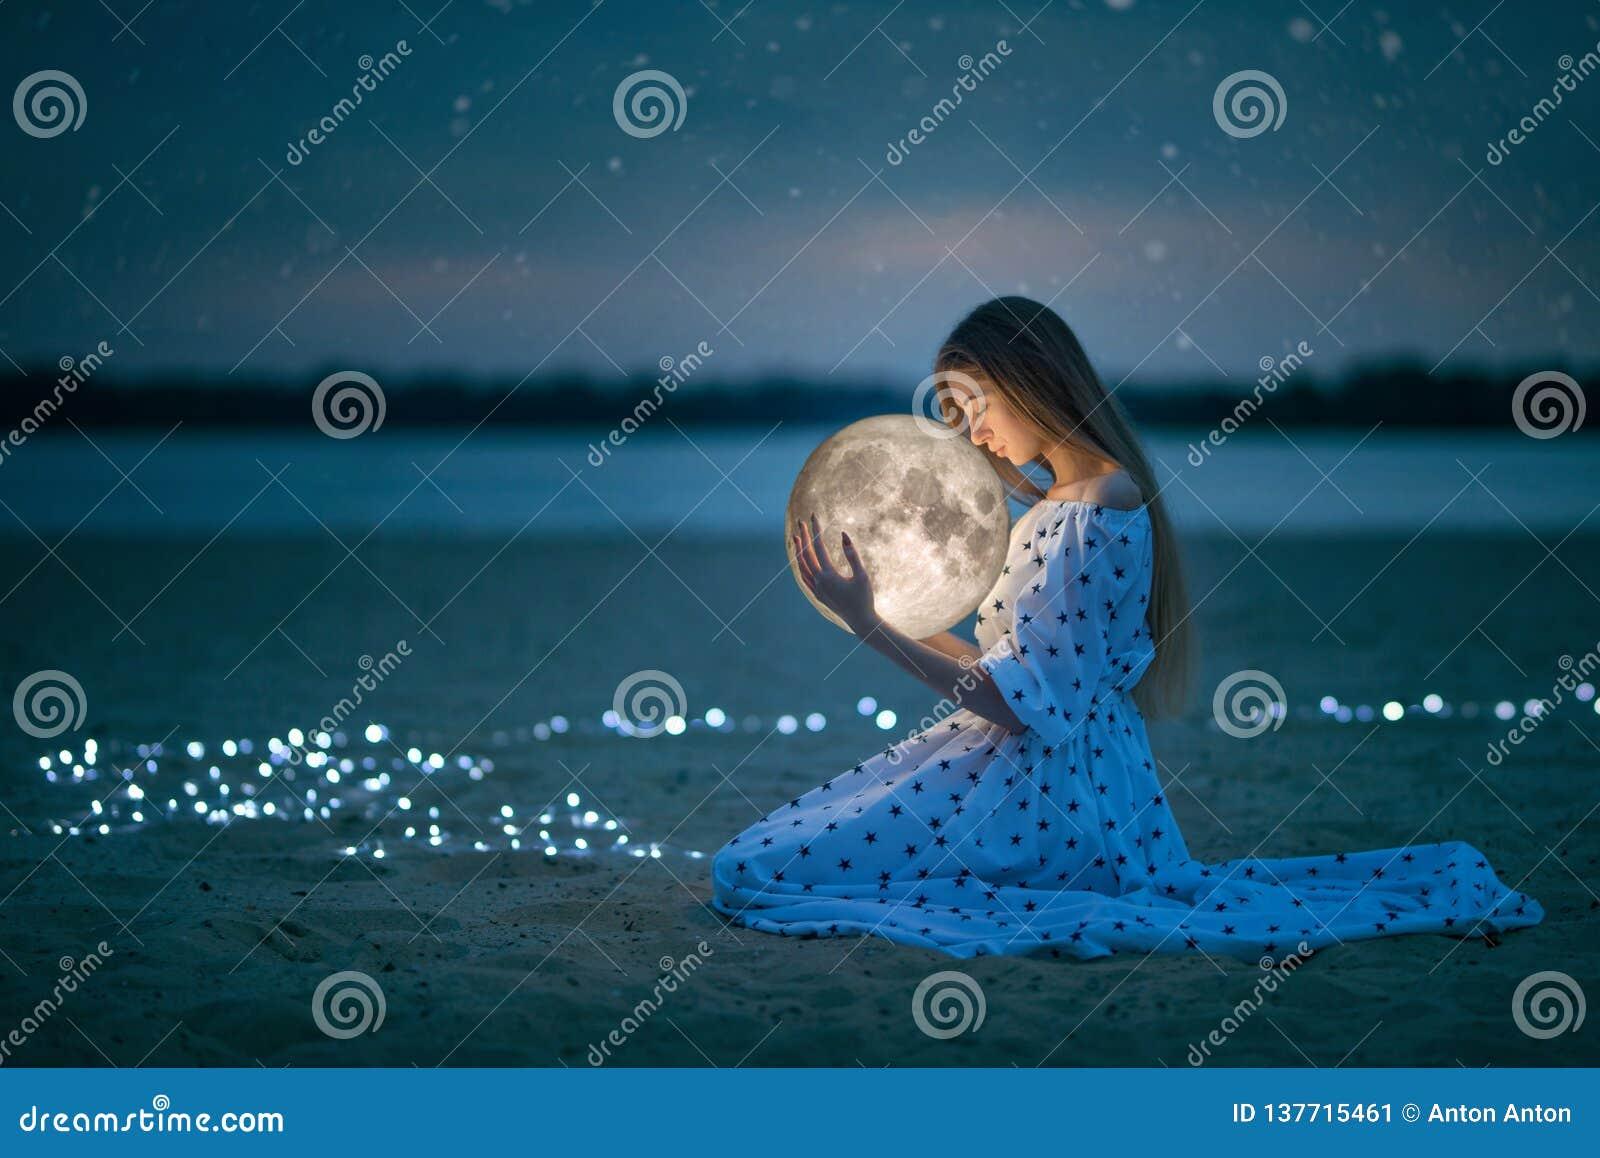 La bella ragazza attraente su una spiaggia di notte con la sabbia e le stelle abbraccia la luna, fotografia artistica